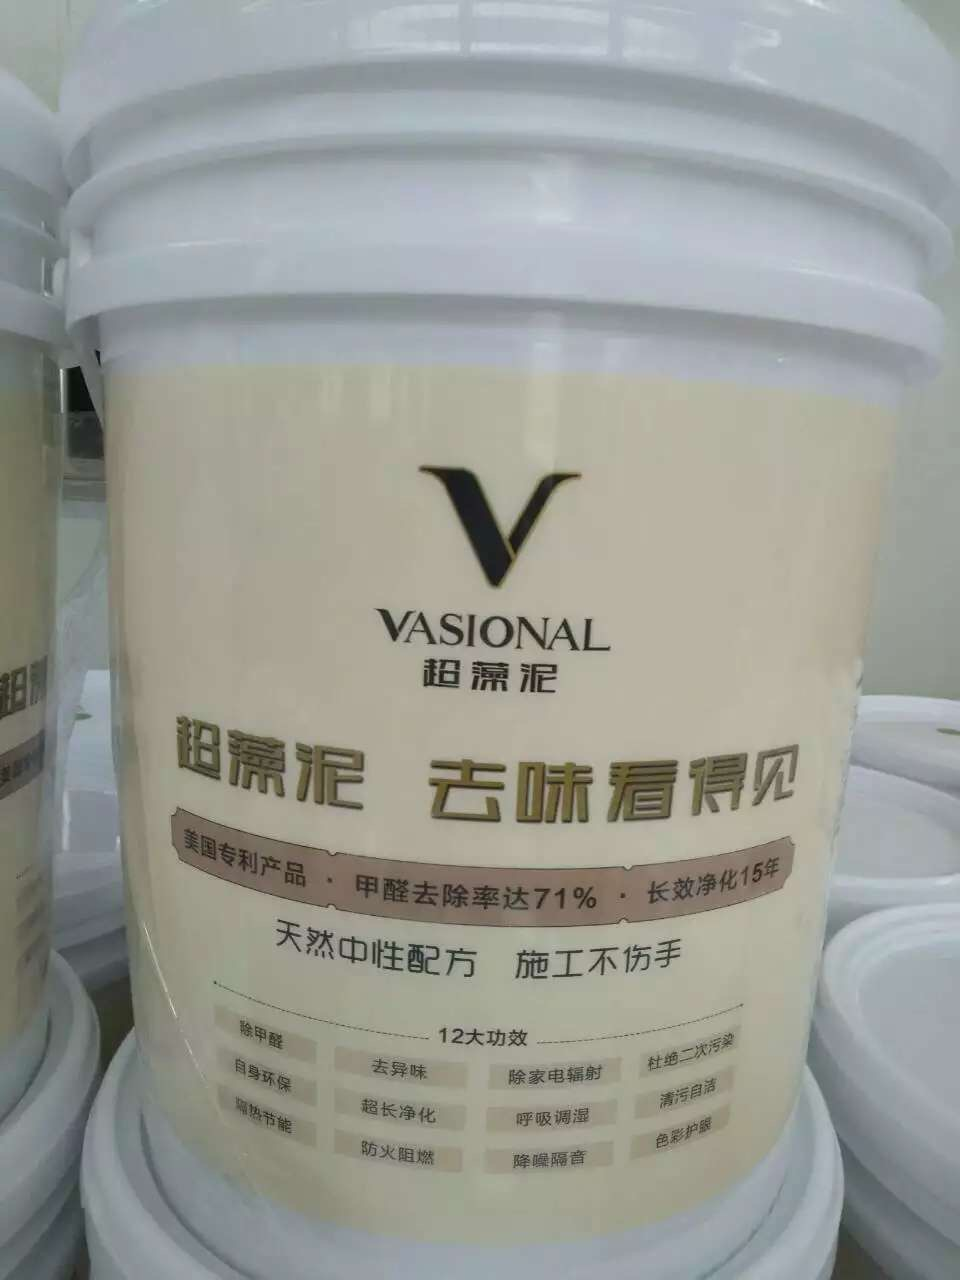 超藻泥 5大系列百款產品滿足較苛刻的設計需求